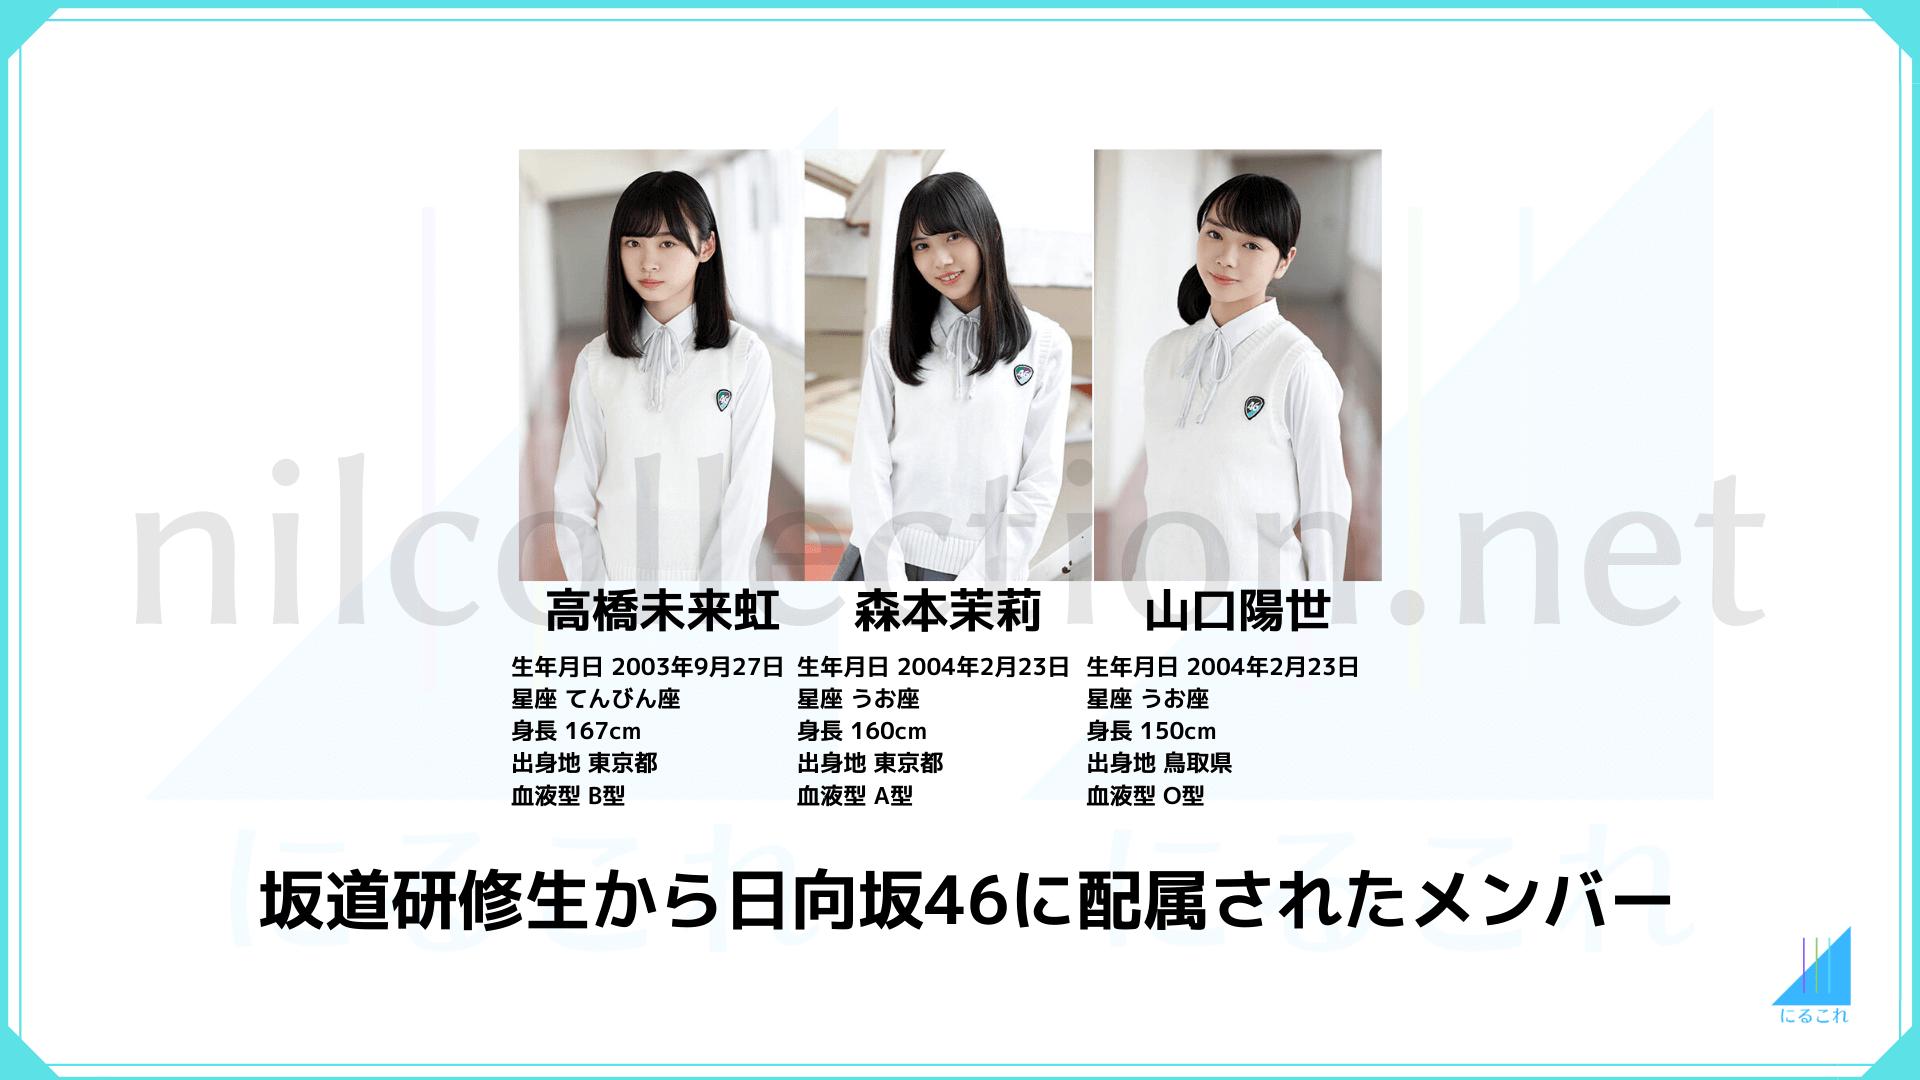 坂道研修生から日向坂46に配属されたメンバー